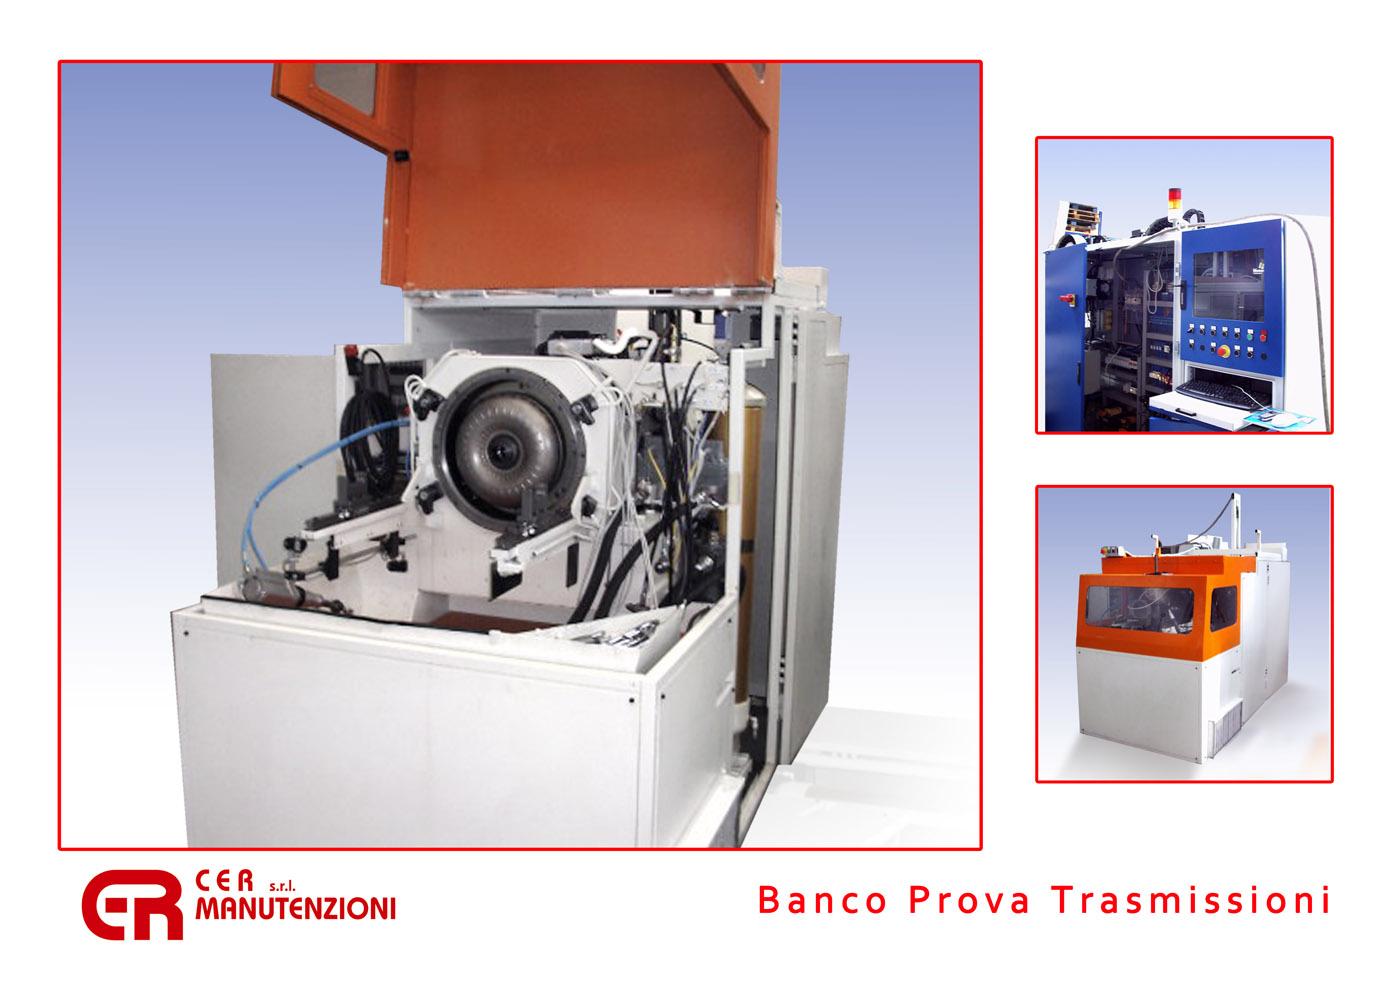 02_Banco_prova_carrarro